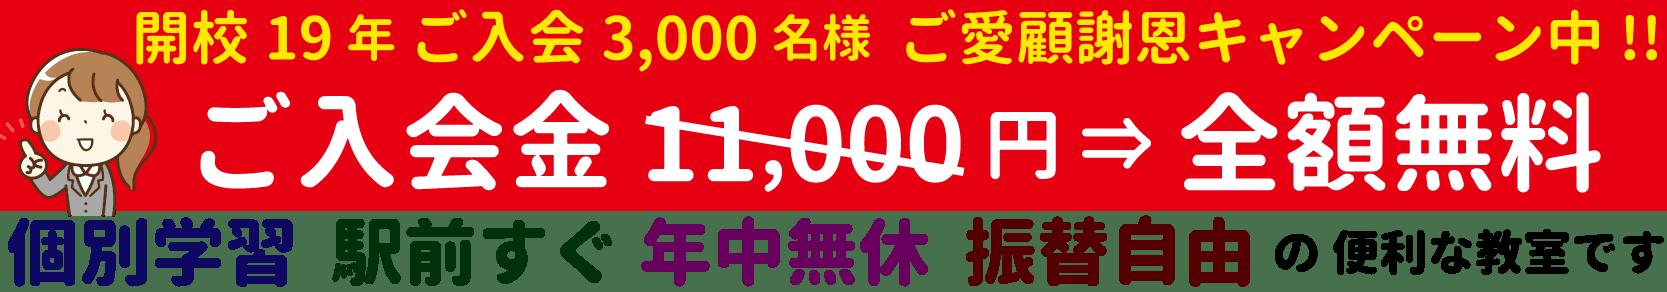 府中駅前0分・年中無休・振替自由。今ならキャンペーン中で先着10名様、ご入会金無料キャンペーン中!!